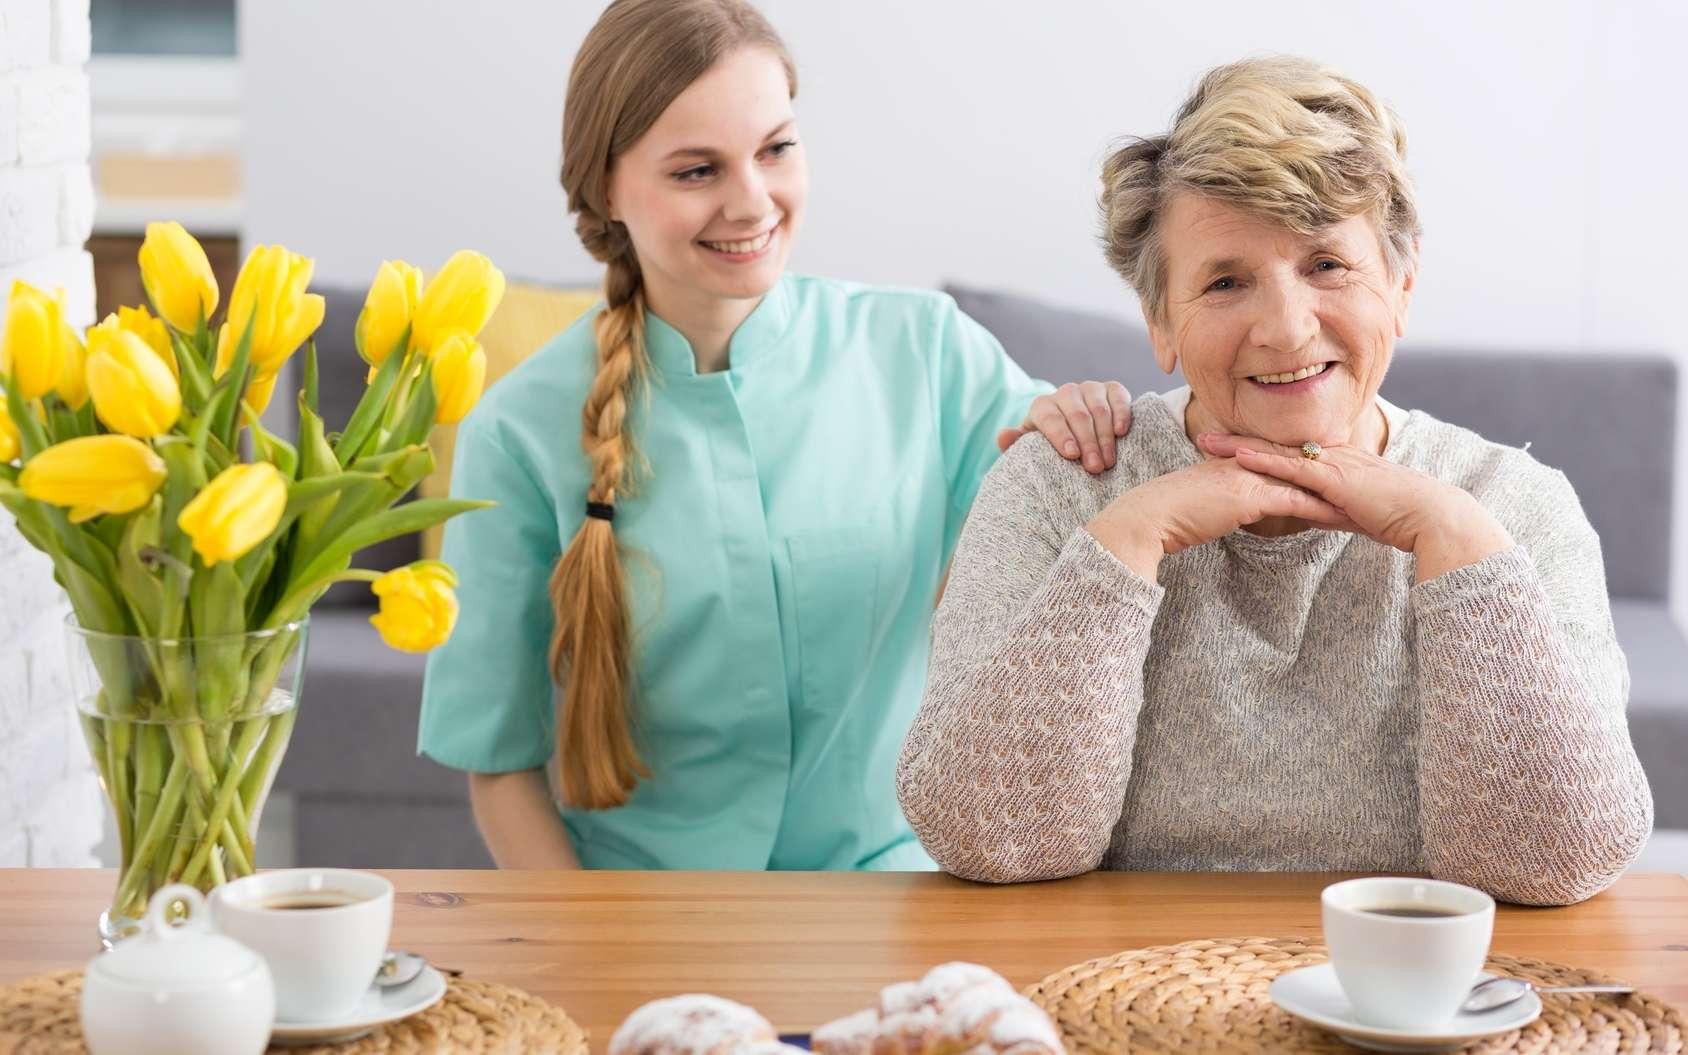 Une aide-ménagère peut s'avérer utile pour accomplir certaines tâches du quotidien : ménage, préparation des repas… © Photographee.eu, Fotolia